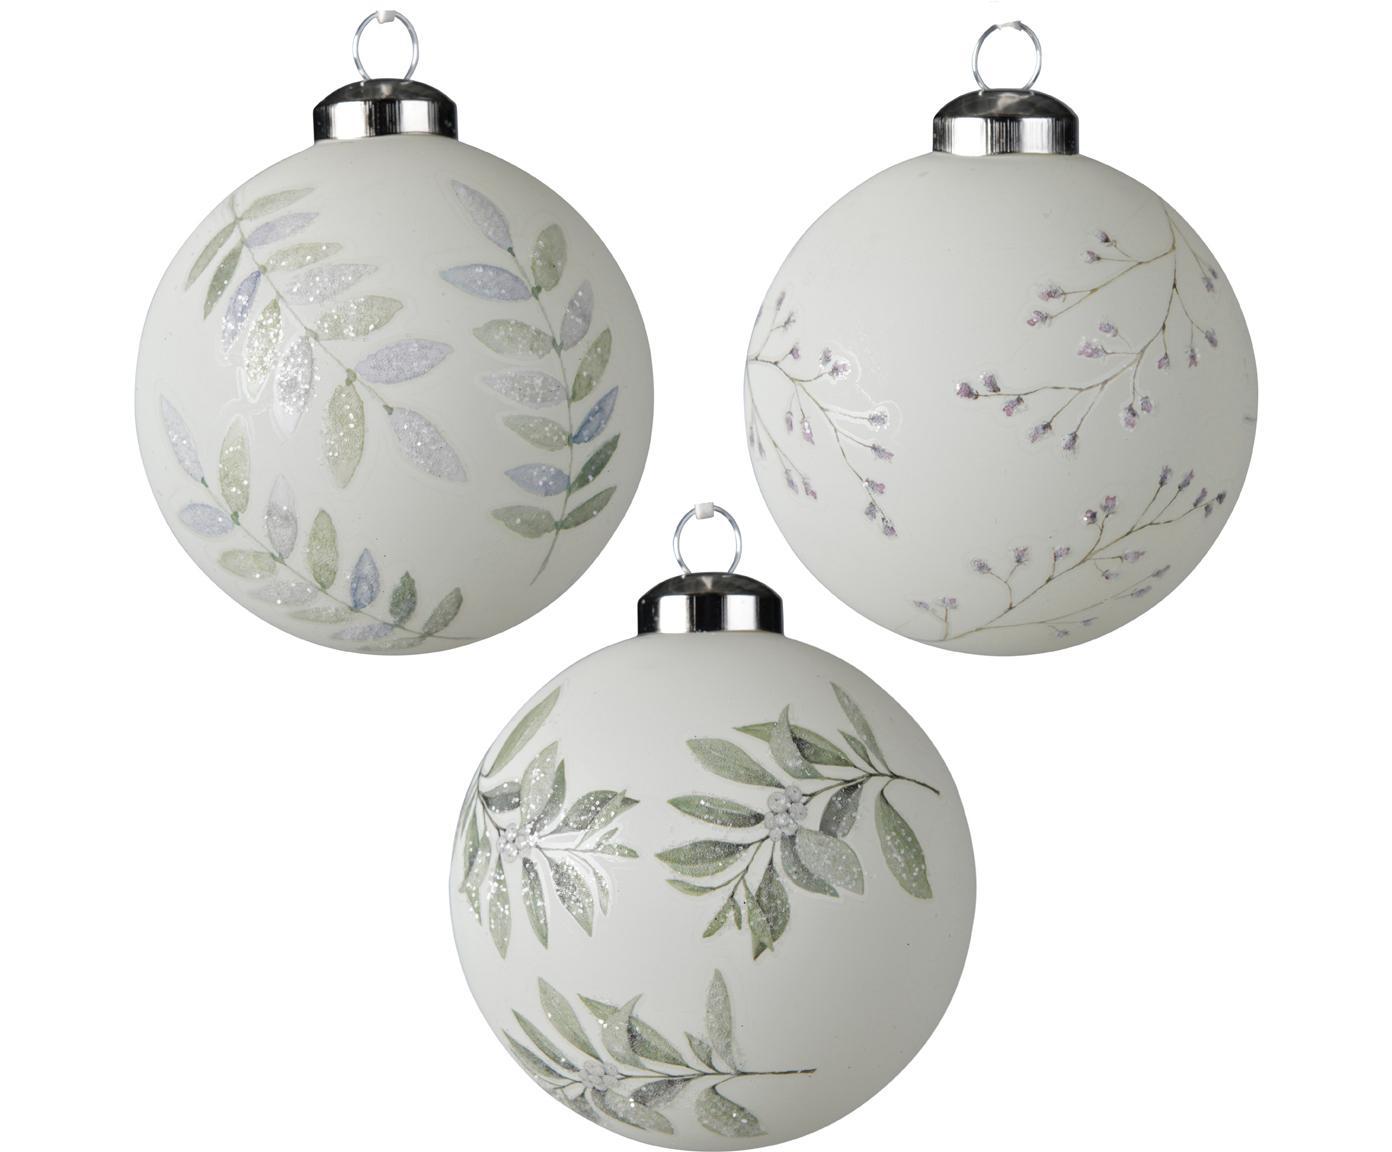 Weihnachtskugel-Set Lilian Ø8cm, 3-tlg., Glas, Weiss, Grau, Ø 8 cm